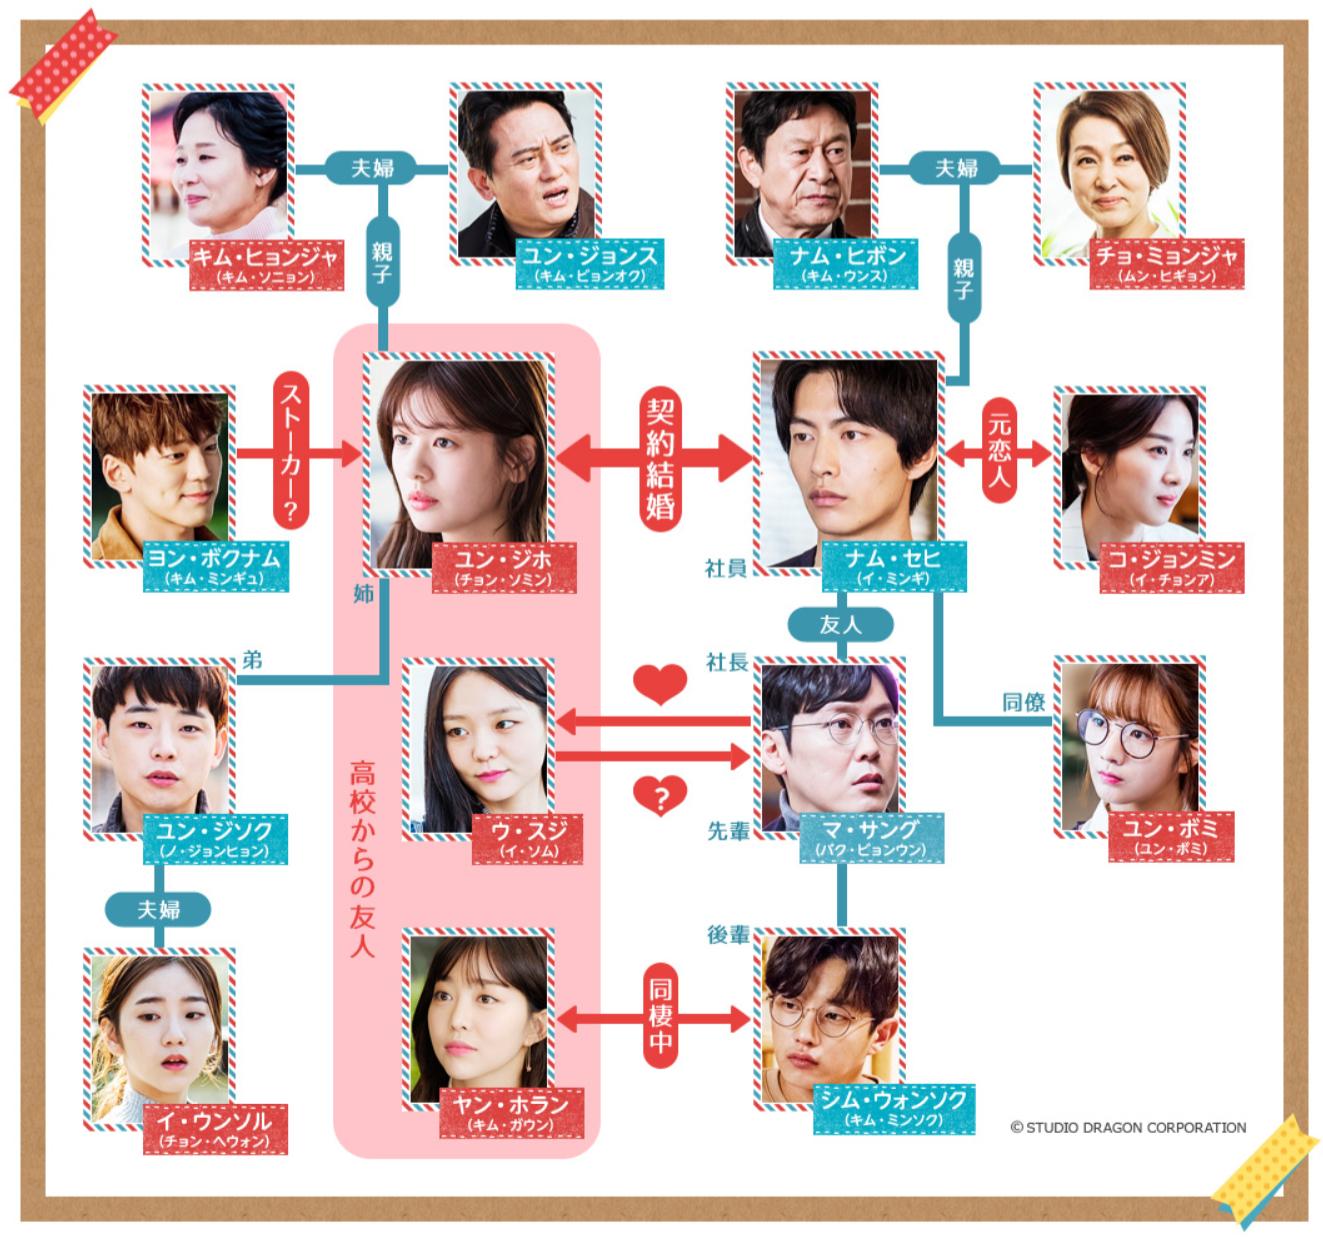 韓国ドラマ『この恋は初めてだから』登場人物相関図(関係図)